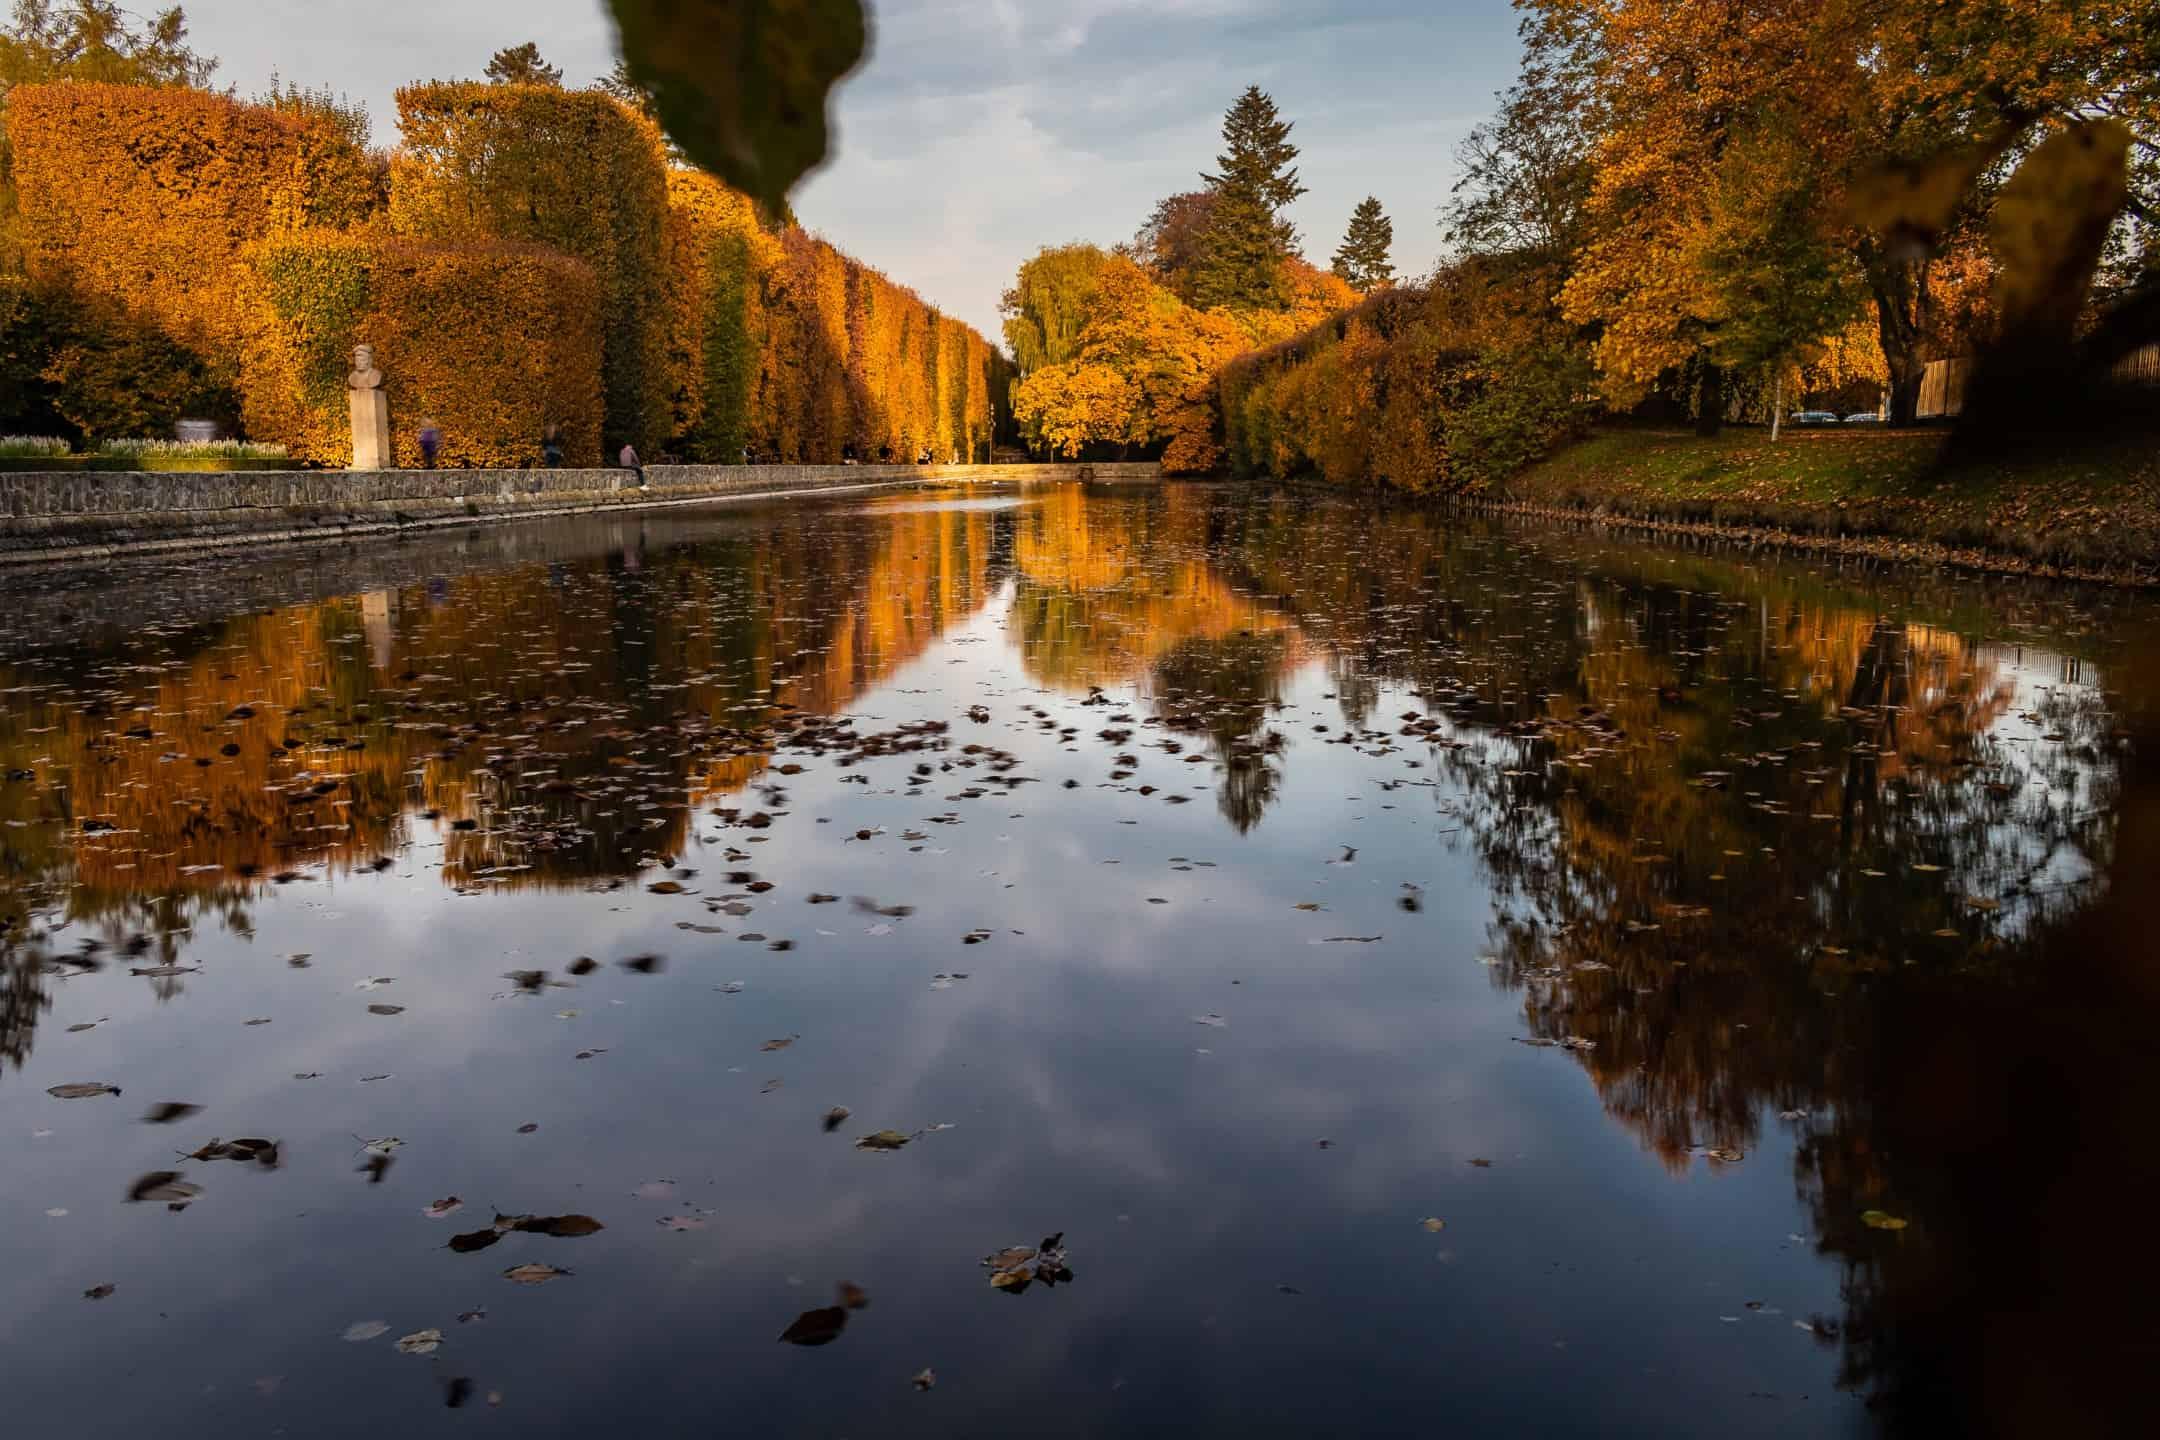 Krajobraz jesienny -Park Oliwski w Gdańsku, Październikowe złota godzina